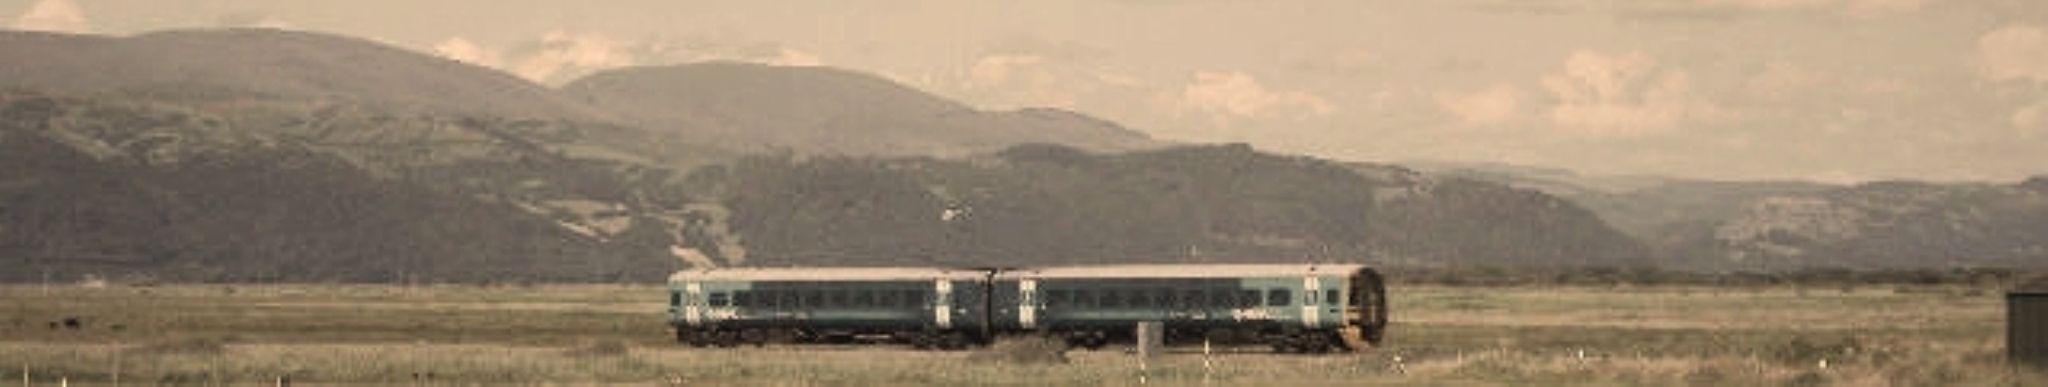 train to aberystwyth at borth by chris.adams.3557